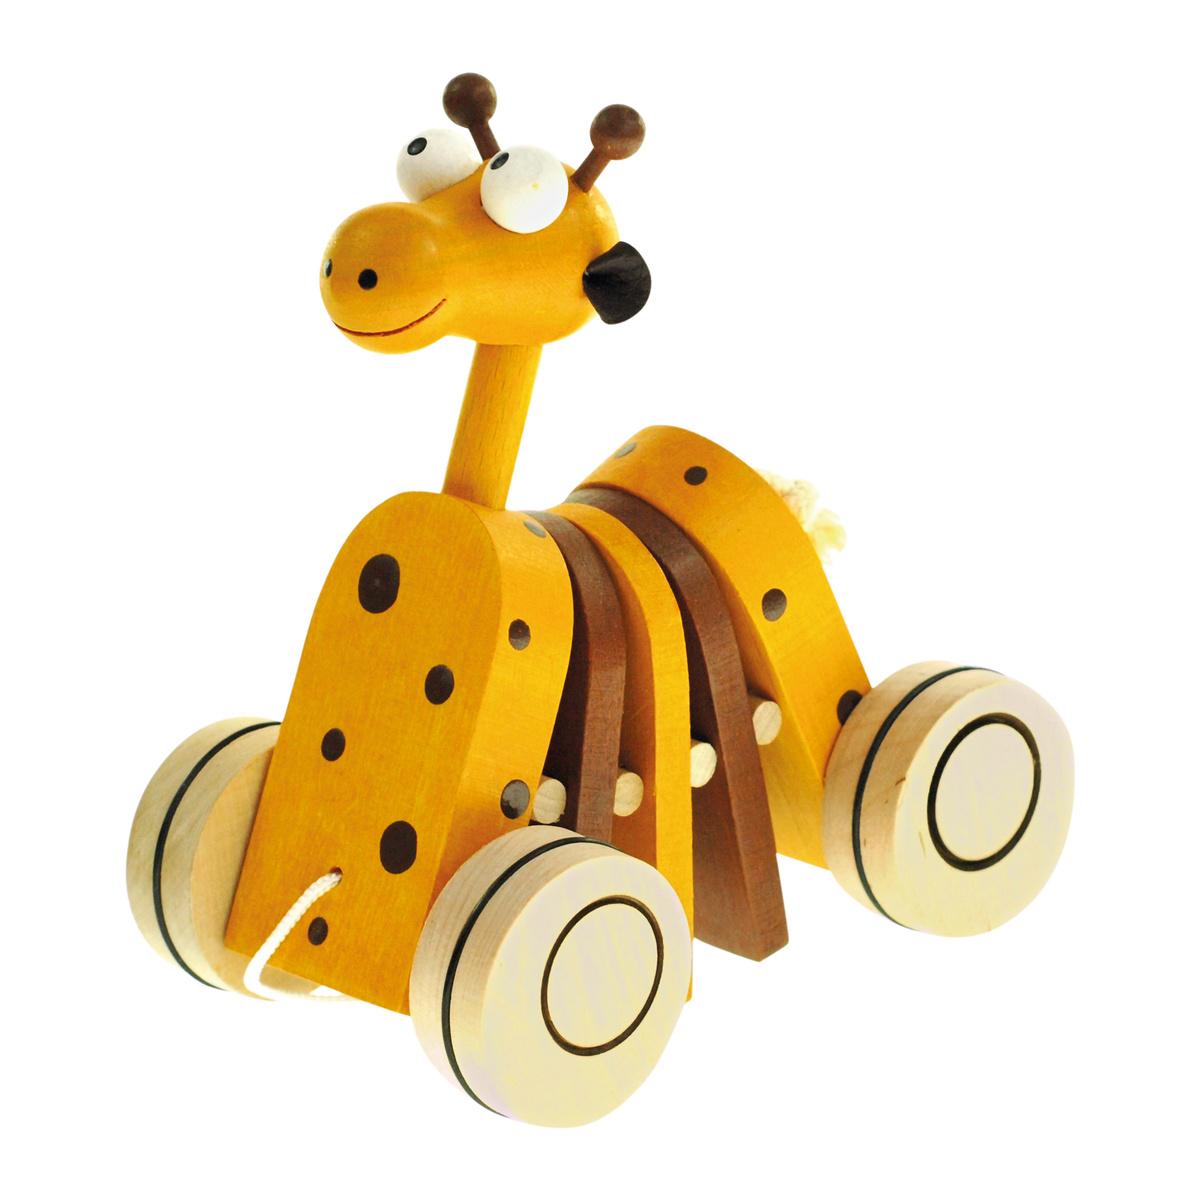 Bino Tahací žirafa